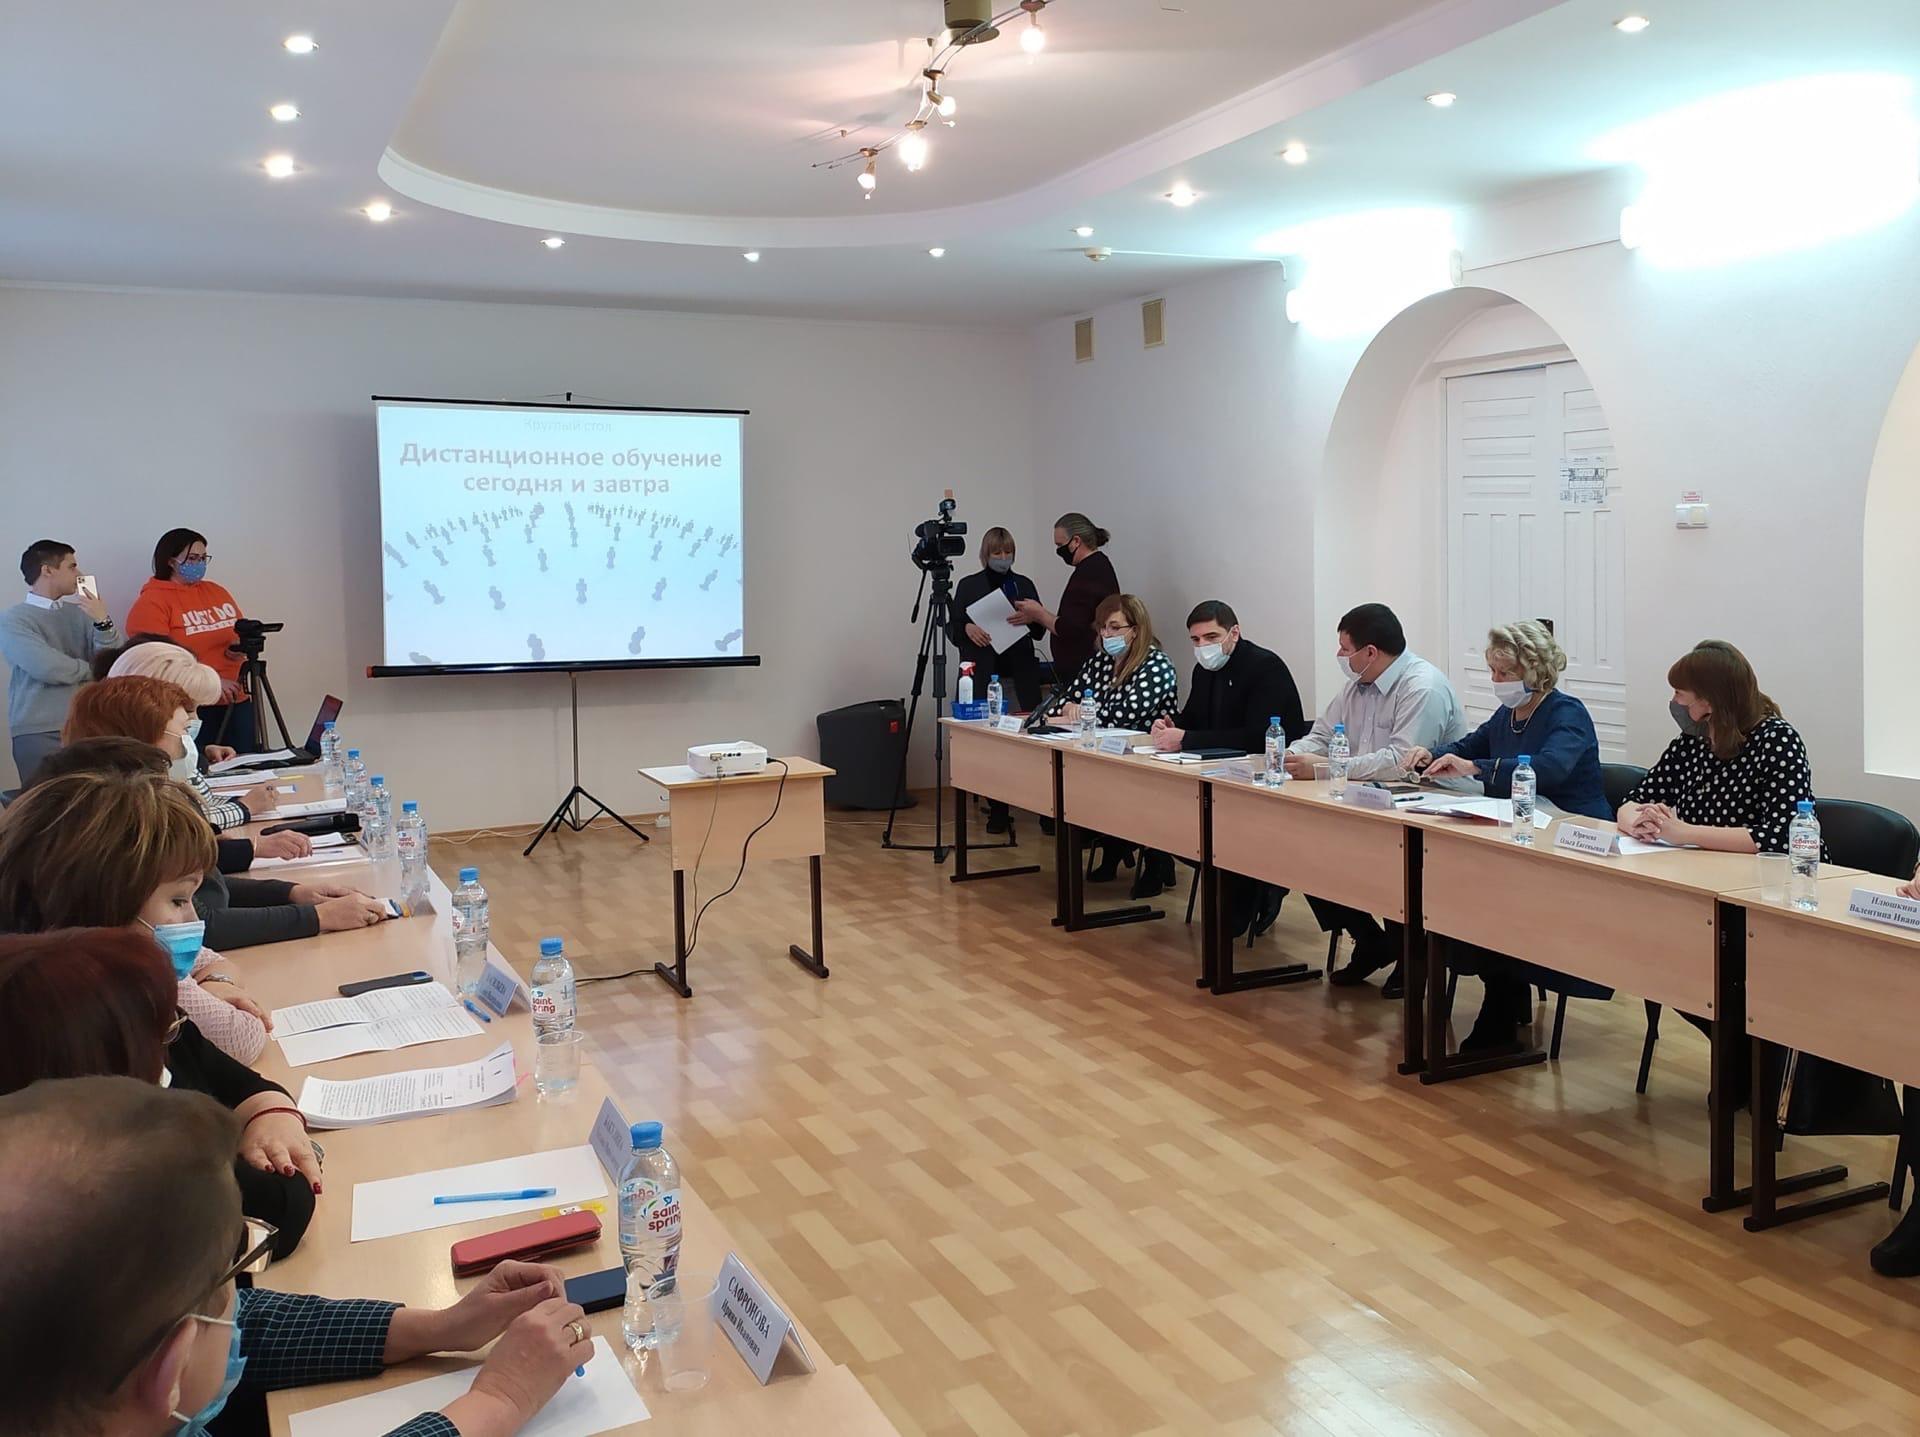 В Тольятти обсудили будущее дистанционного обучения